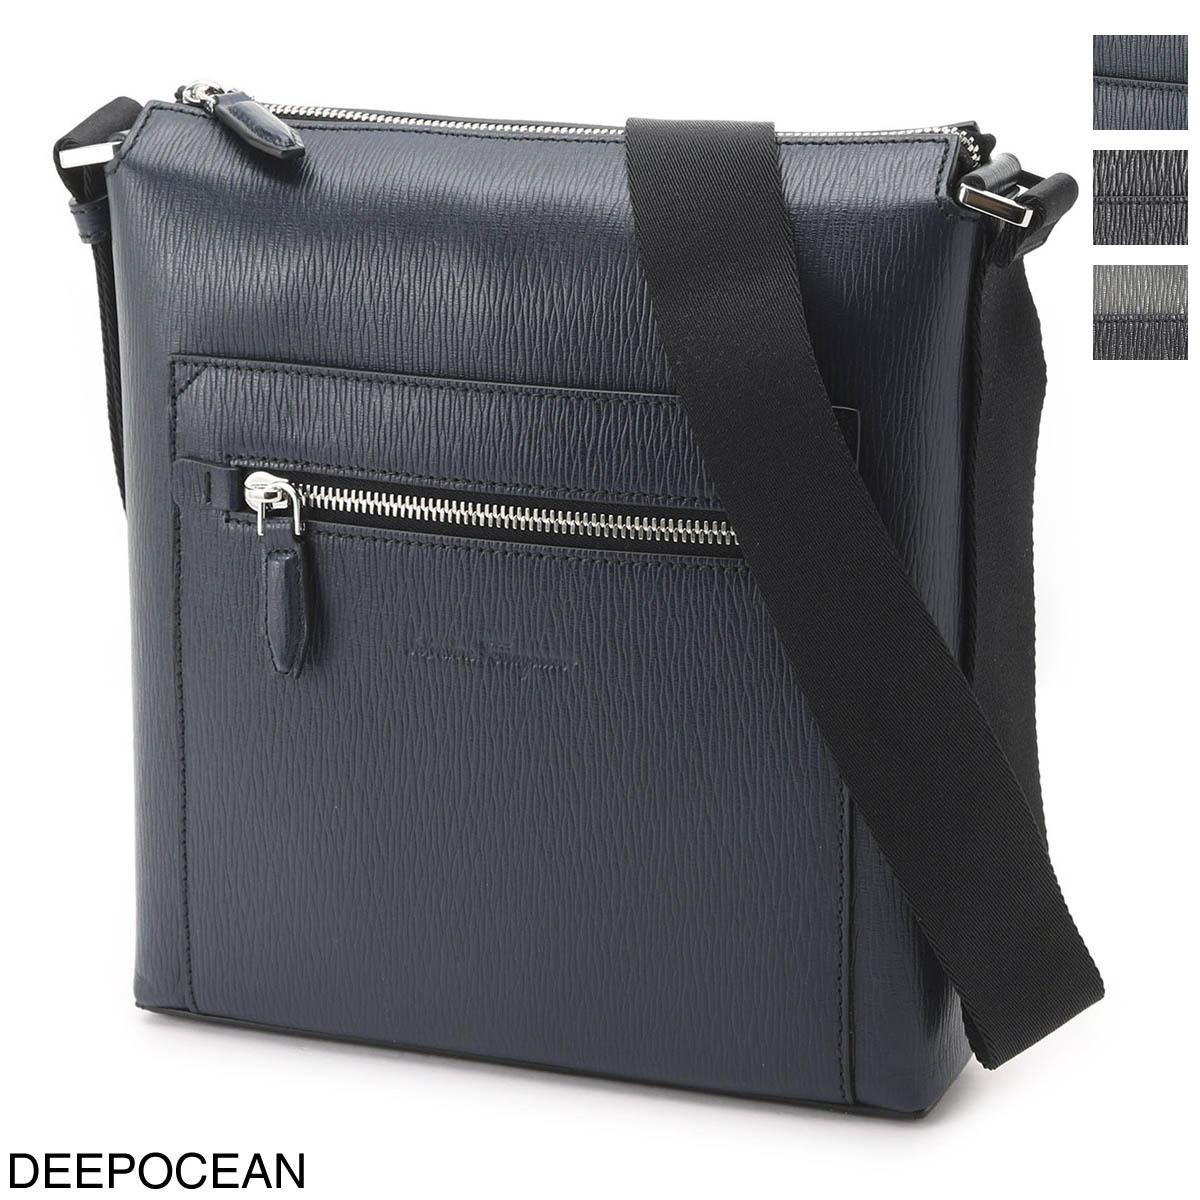 メンズバッグ, ショルダーバッグ・メッセンジャーバッグ  Salvatore Ferragamo REVIVAL 3.0 24a516-0732518-grigio-nero